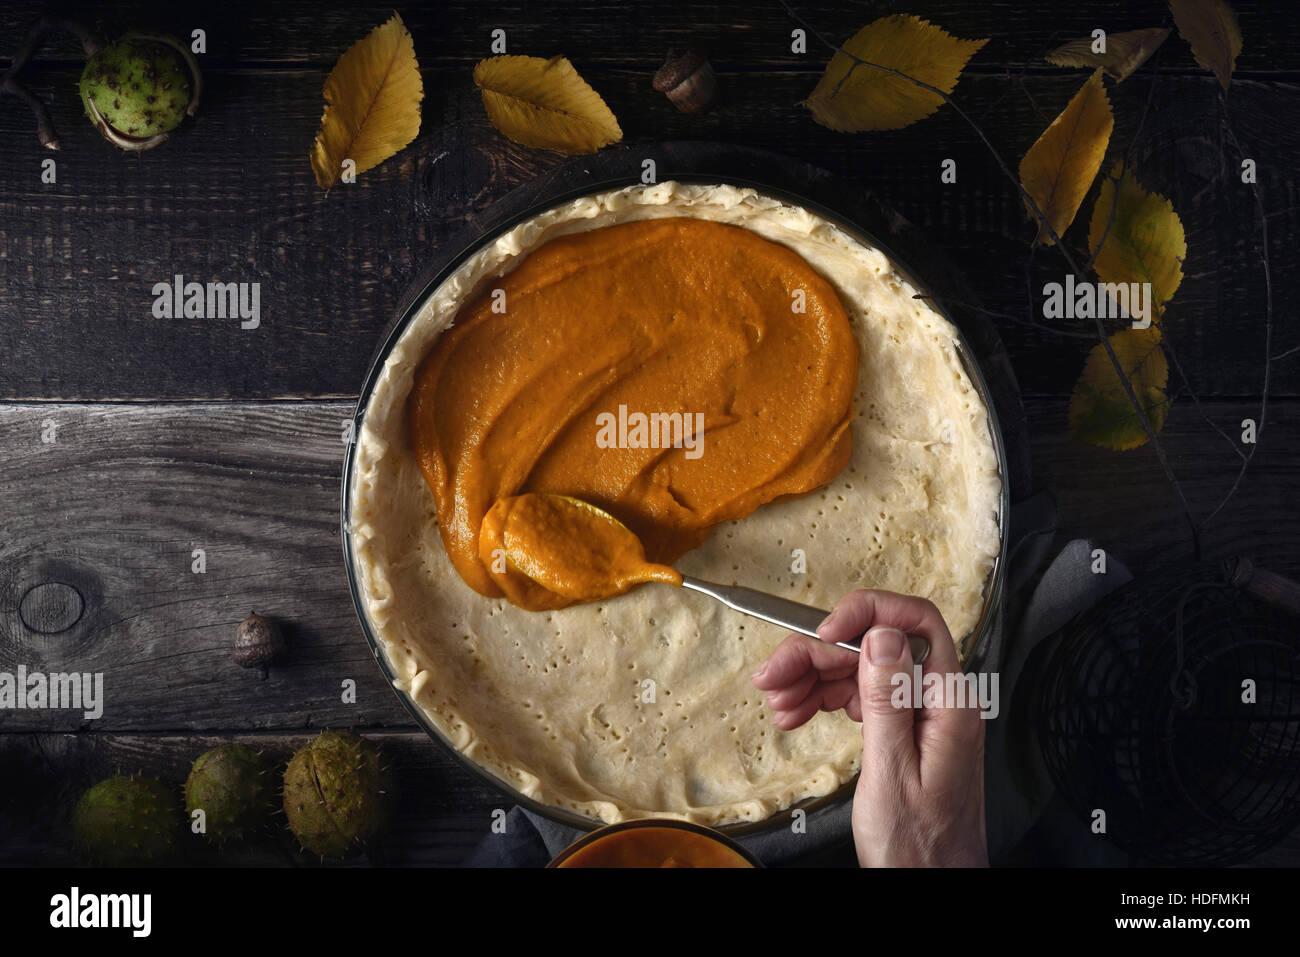 Mettere la purea di zucca sulla pasta per la torta di zucca sul tavolo di legno Immagini Stock